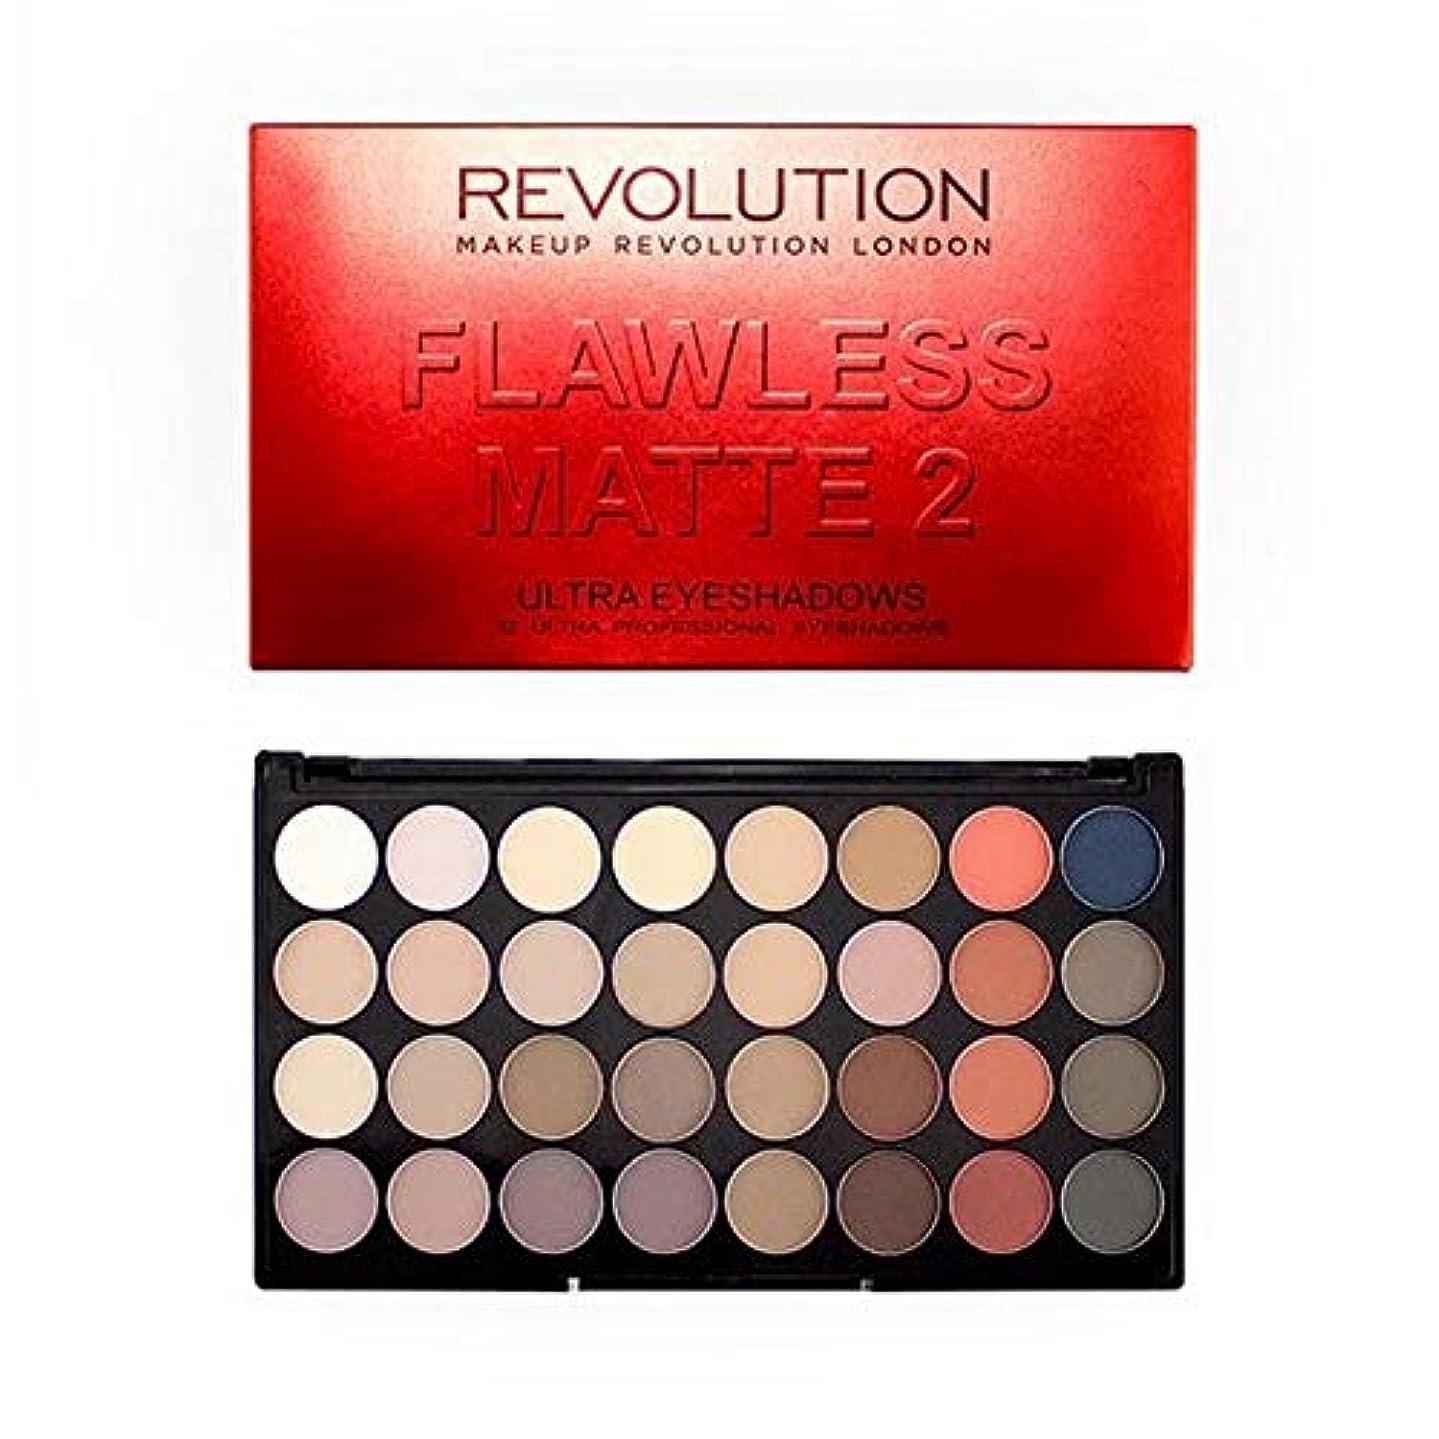 リビングルームエスニック変動する[Revolution ] 革命完璧なマット2アイシャドウパレット - Revolution Flawless Matte 2 Eye Shadow Palette [並行輸入品]